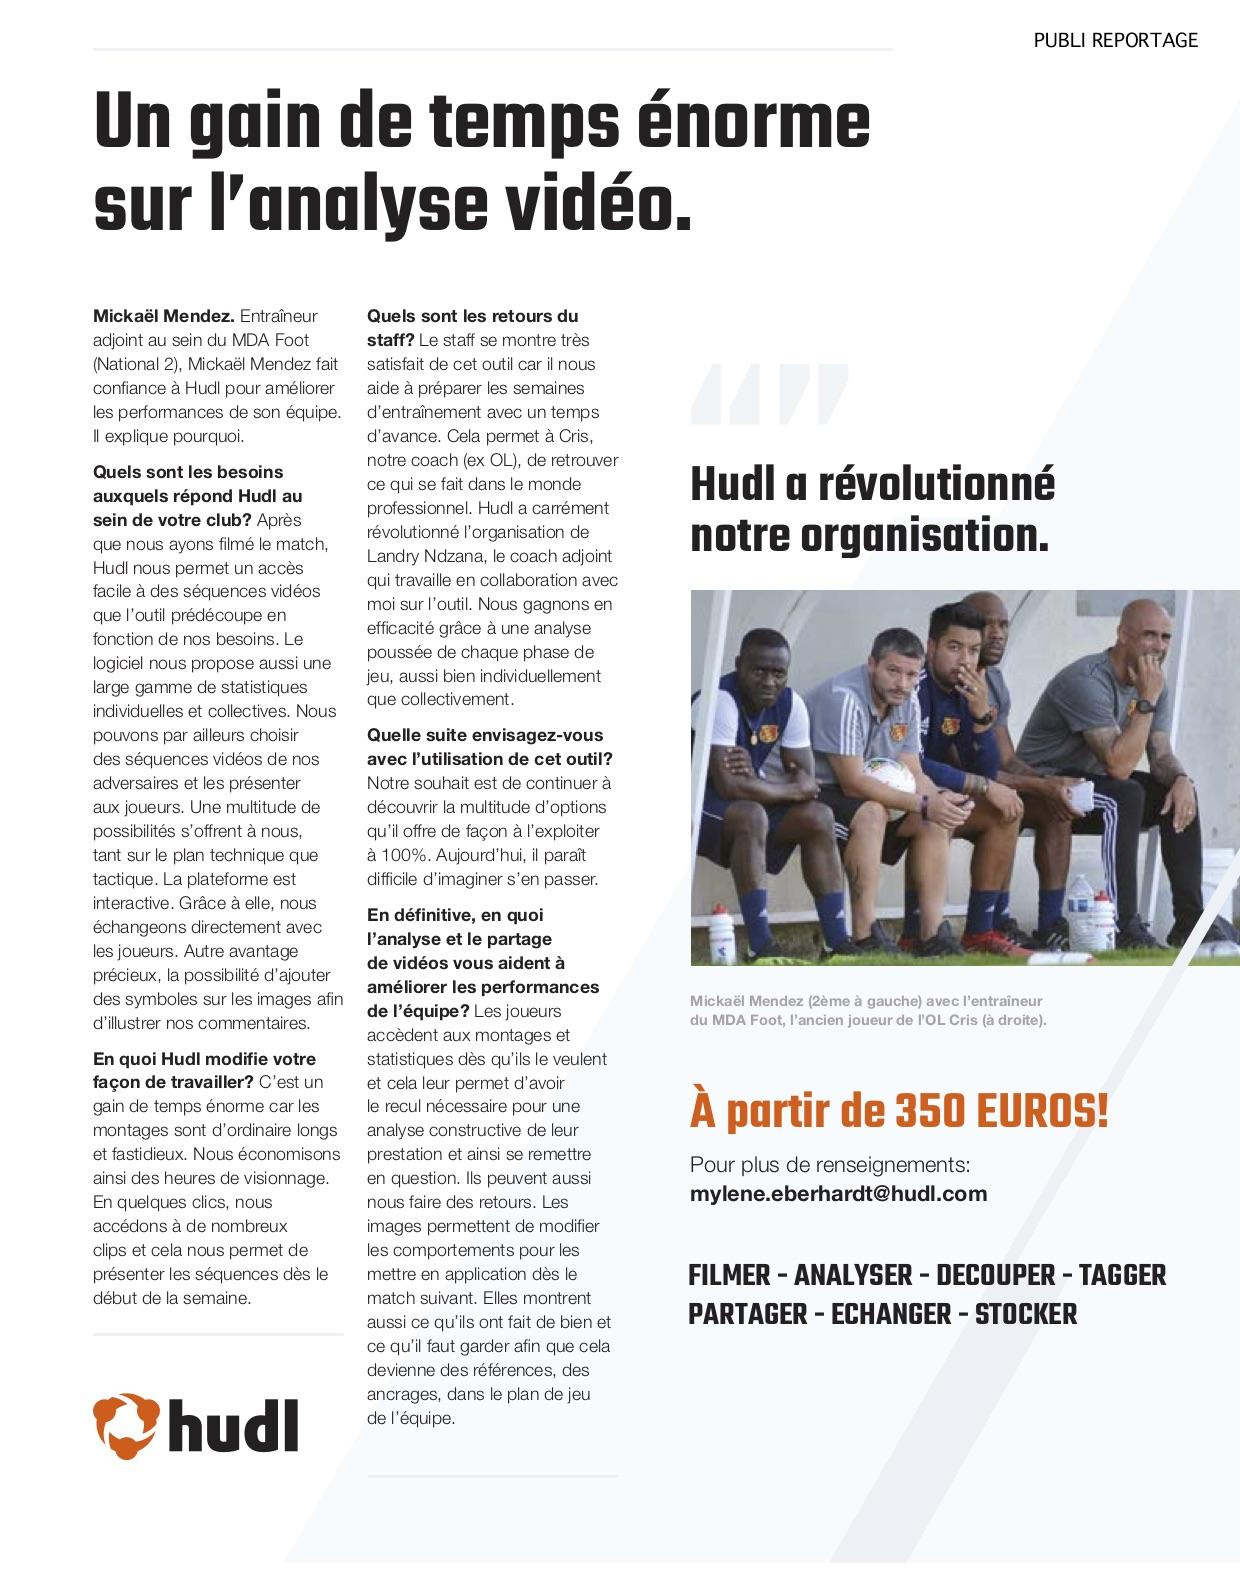 Publi-reportage HUDL 1